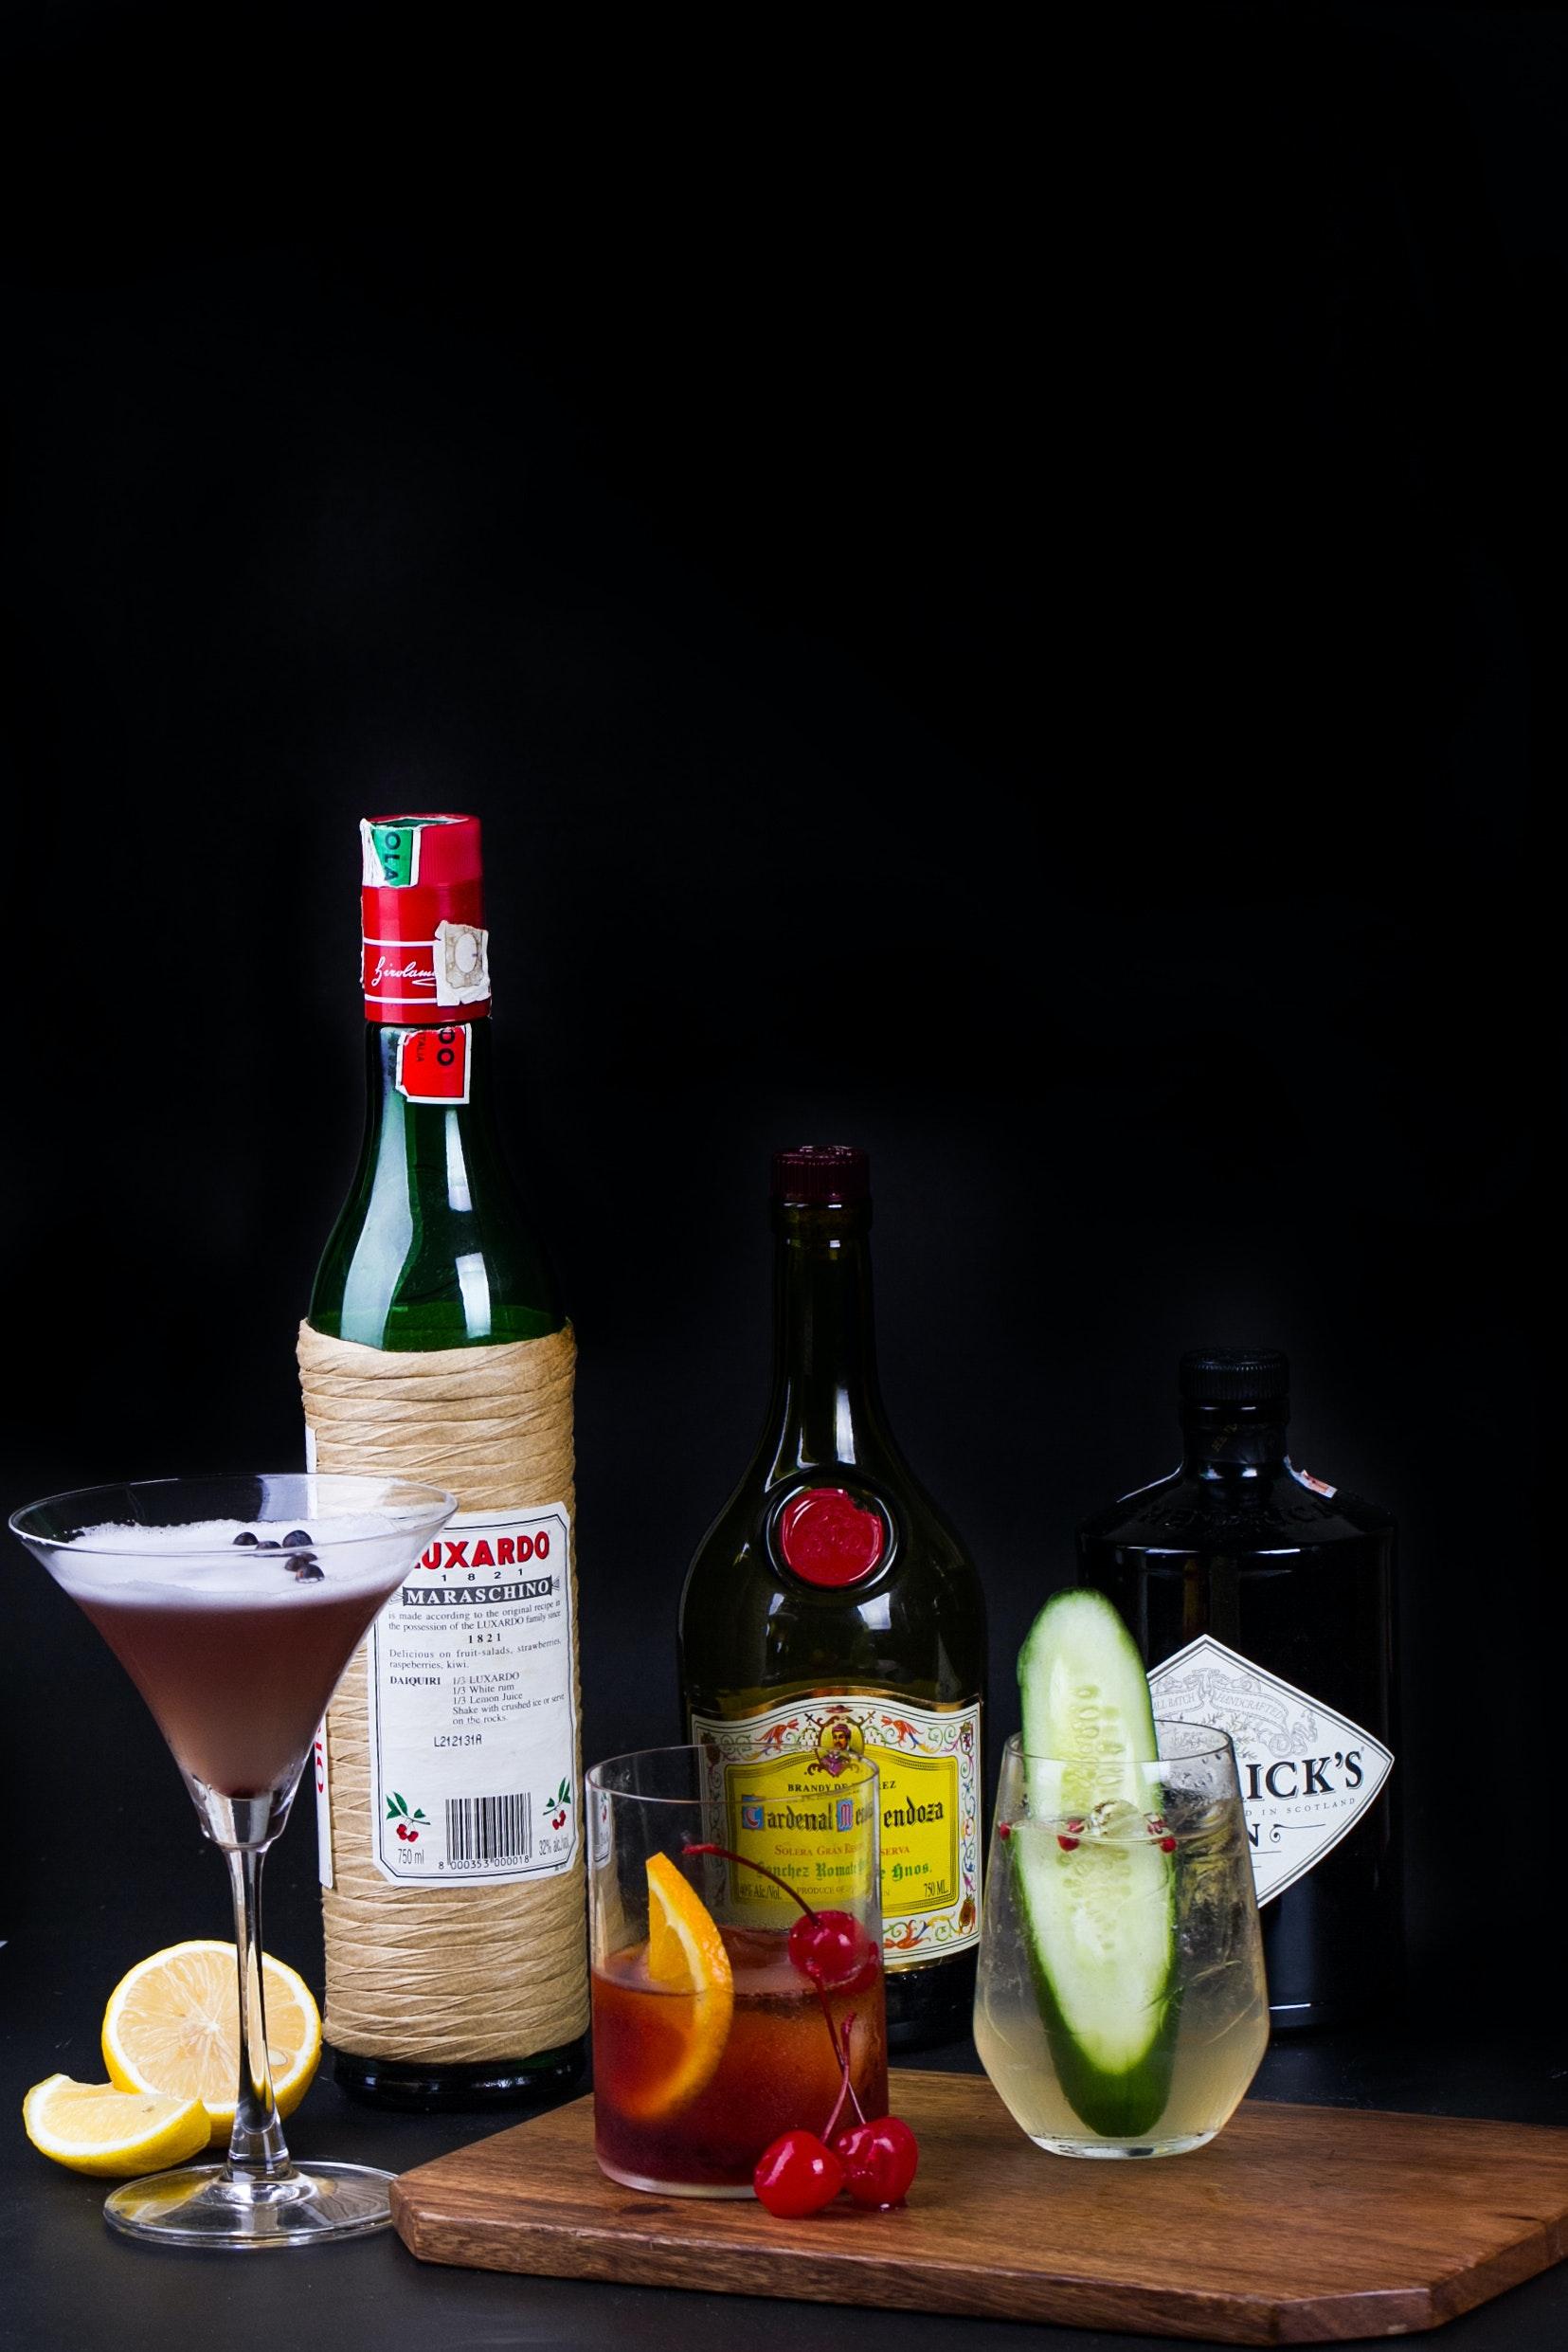 Kostenloses Foto zum Thema: alkohol, getränke